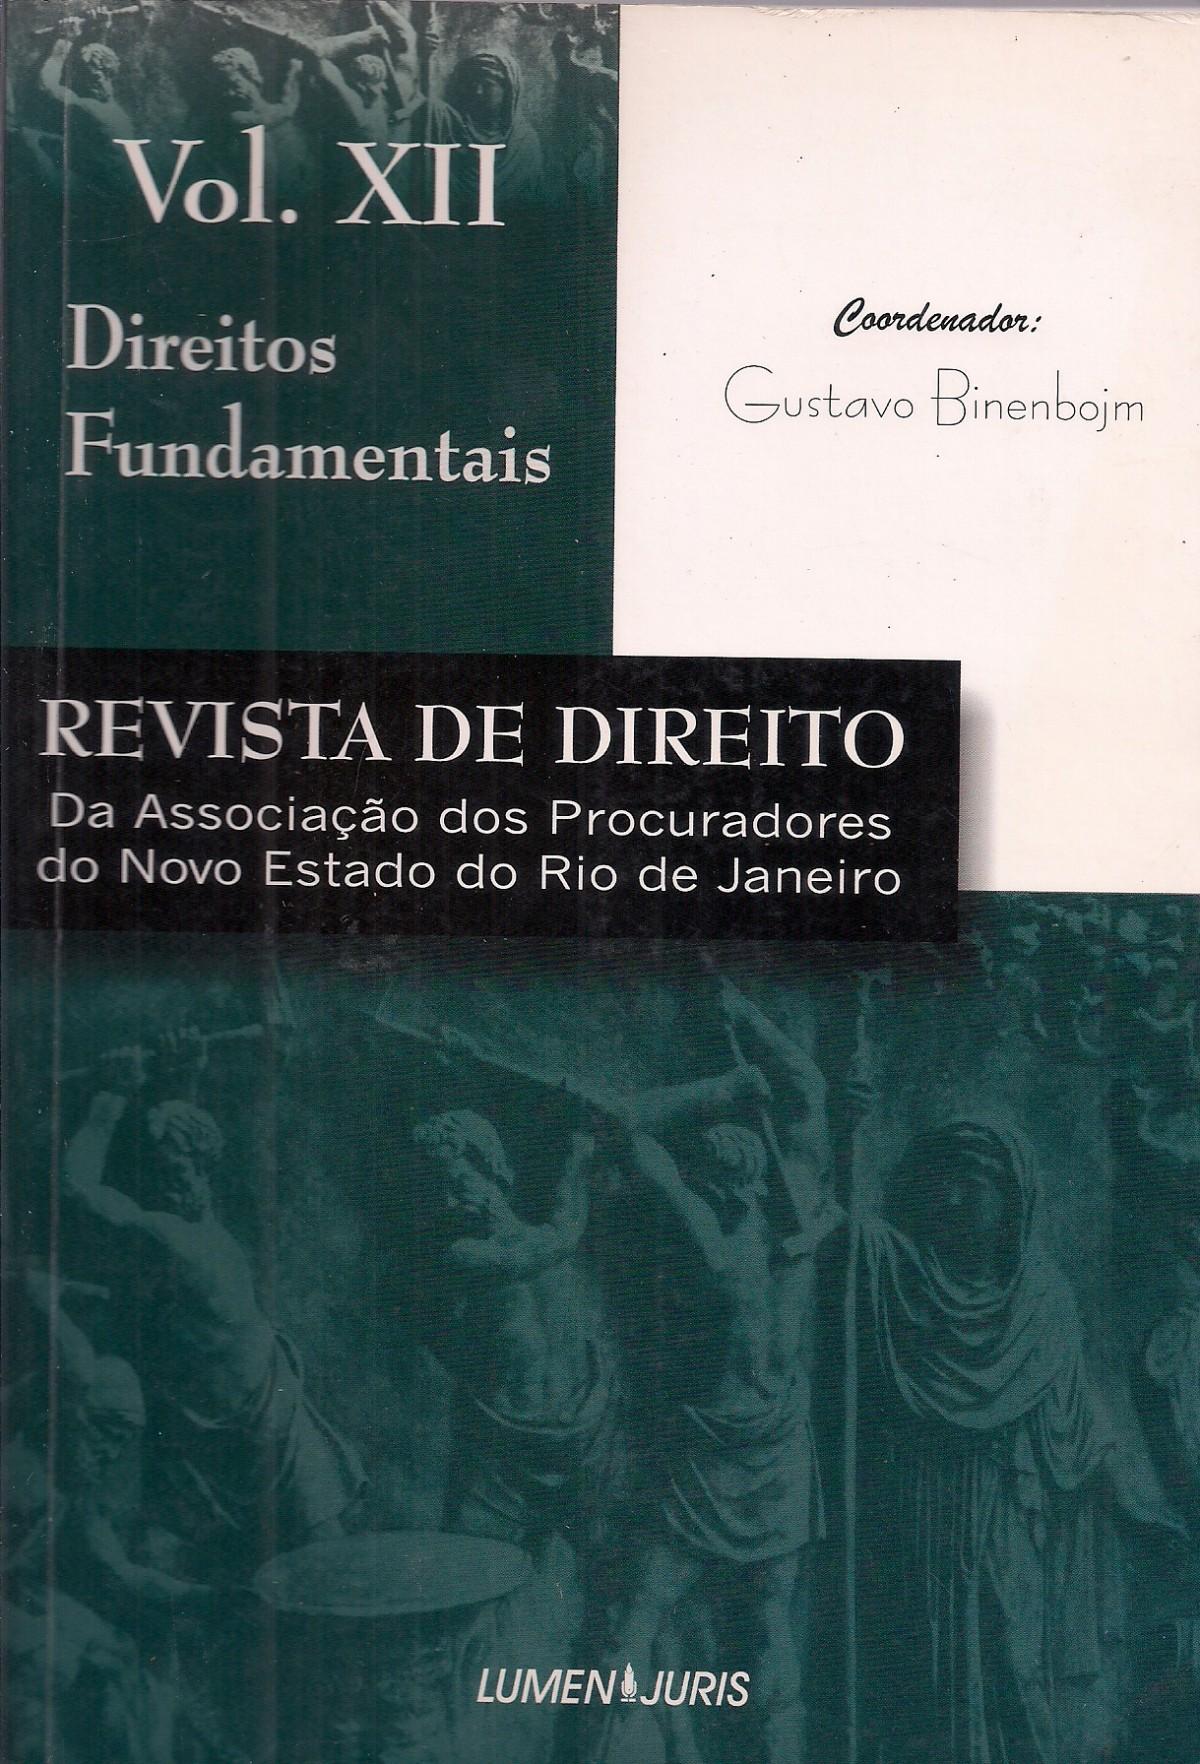 Foto 1 - Revista de Direito - Apnerj - Direitos Fundamentais - Vol XII